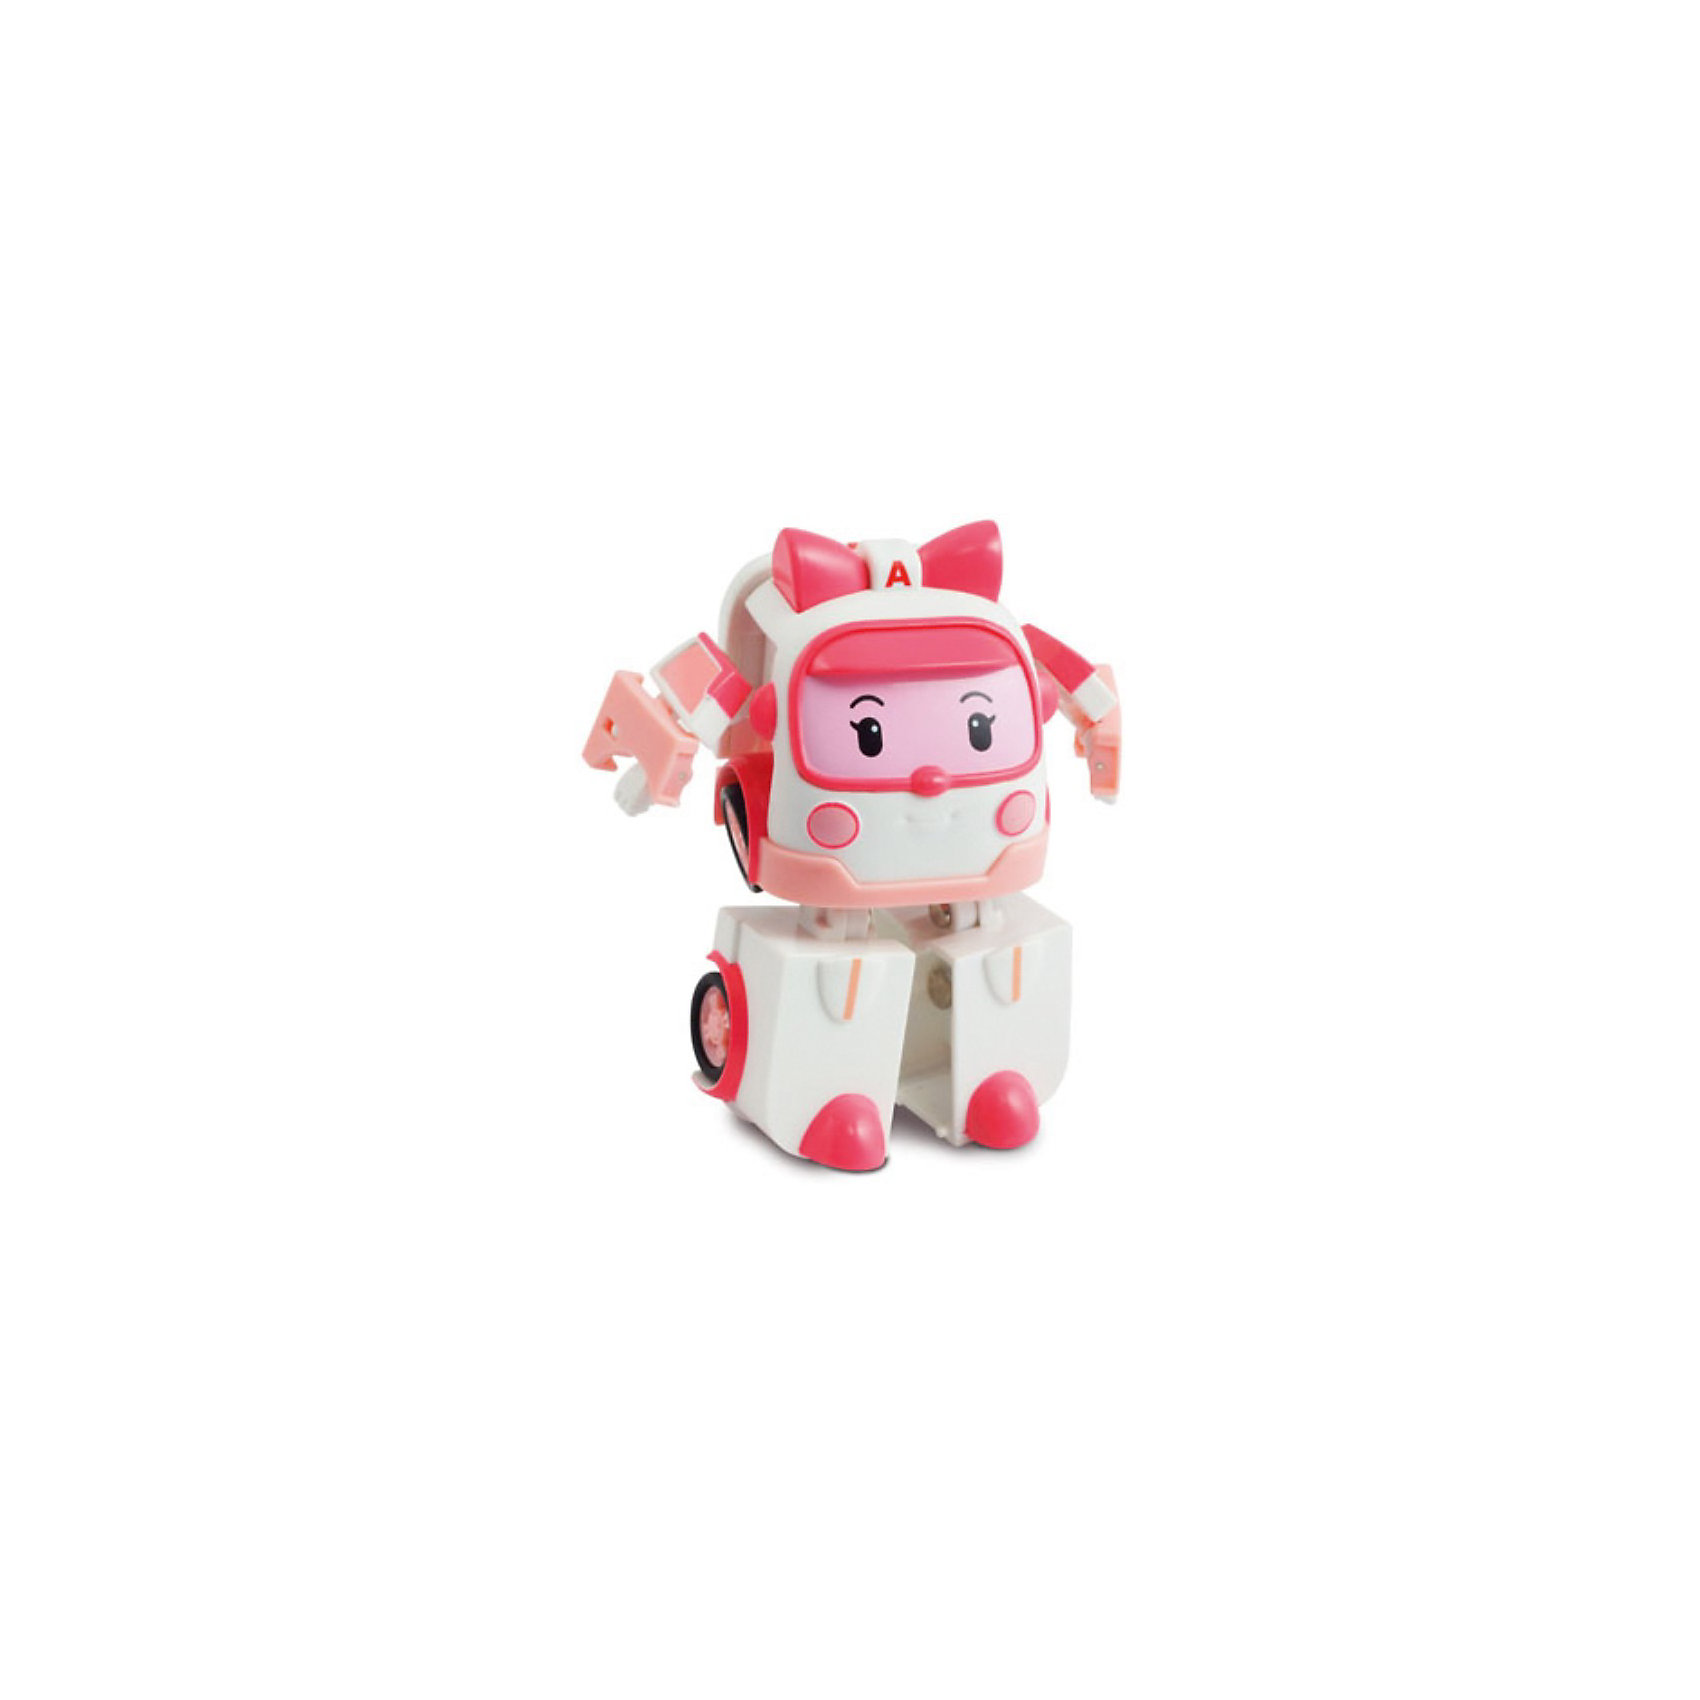 Игрушка Эмбер трансформер, 7,5 см,  Робокар ПолиИгрушки<br>Игрушка Эмбер трансформер, Robocar Poli станет замечательным подарком для всех юных поклонников мультсериала Робокар Поли и его друзья (Robocar Poli).<br>Спасательная команда служебных машинок всегда готова прийти на помощь жителям городка Брумстаун и выручить в любой ситуации. Эмбер - автомобиль скорой помощи, она отвечает за поддержку спасательных операций и оказывает первую помощь транспортным средствам и героям, попавшим в аварию.<br><br>Внешний вид нежно-розовой машинки полностью соответствует своей героине из  мультфильма. Игрушка 2 в 1 имеет компактный миниатюрный размер и легко трансформируется в робота с подвижными деталями, благодаря чему игрушку можно использовать сразу в двух качествах - как небольшую машинку или как робота. Совместима со всеми игровыми наборами Robocar Poli.<br><br>Дополнительная информация:<br><br>- Материал: пластик.<br>- Высота игрушки: 7,5 см.<br>- Длина машинки: 6 см.<br>- Размер упаковки: 11 x 14 x 8 см.<br>- Вес: 0,14 кг.<br><br>Игрушку  Эмбер трансформер, 7,5 см,  Робокар Поли можно купить в нашем интернет-магазине.<br><br>Ширина мм: 135<br>Глубина мм: 100<br>Высота мм: 80<br>Вес г: 134<br>Возраст от месяцев: 36<br>Возраст до месяцев: 84<br>Пол: Женский<br>Возраст: Детский<br>SKU: 3827053